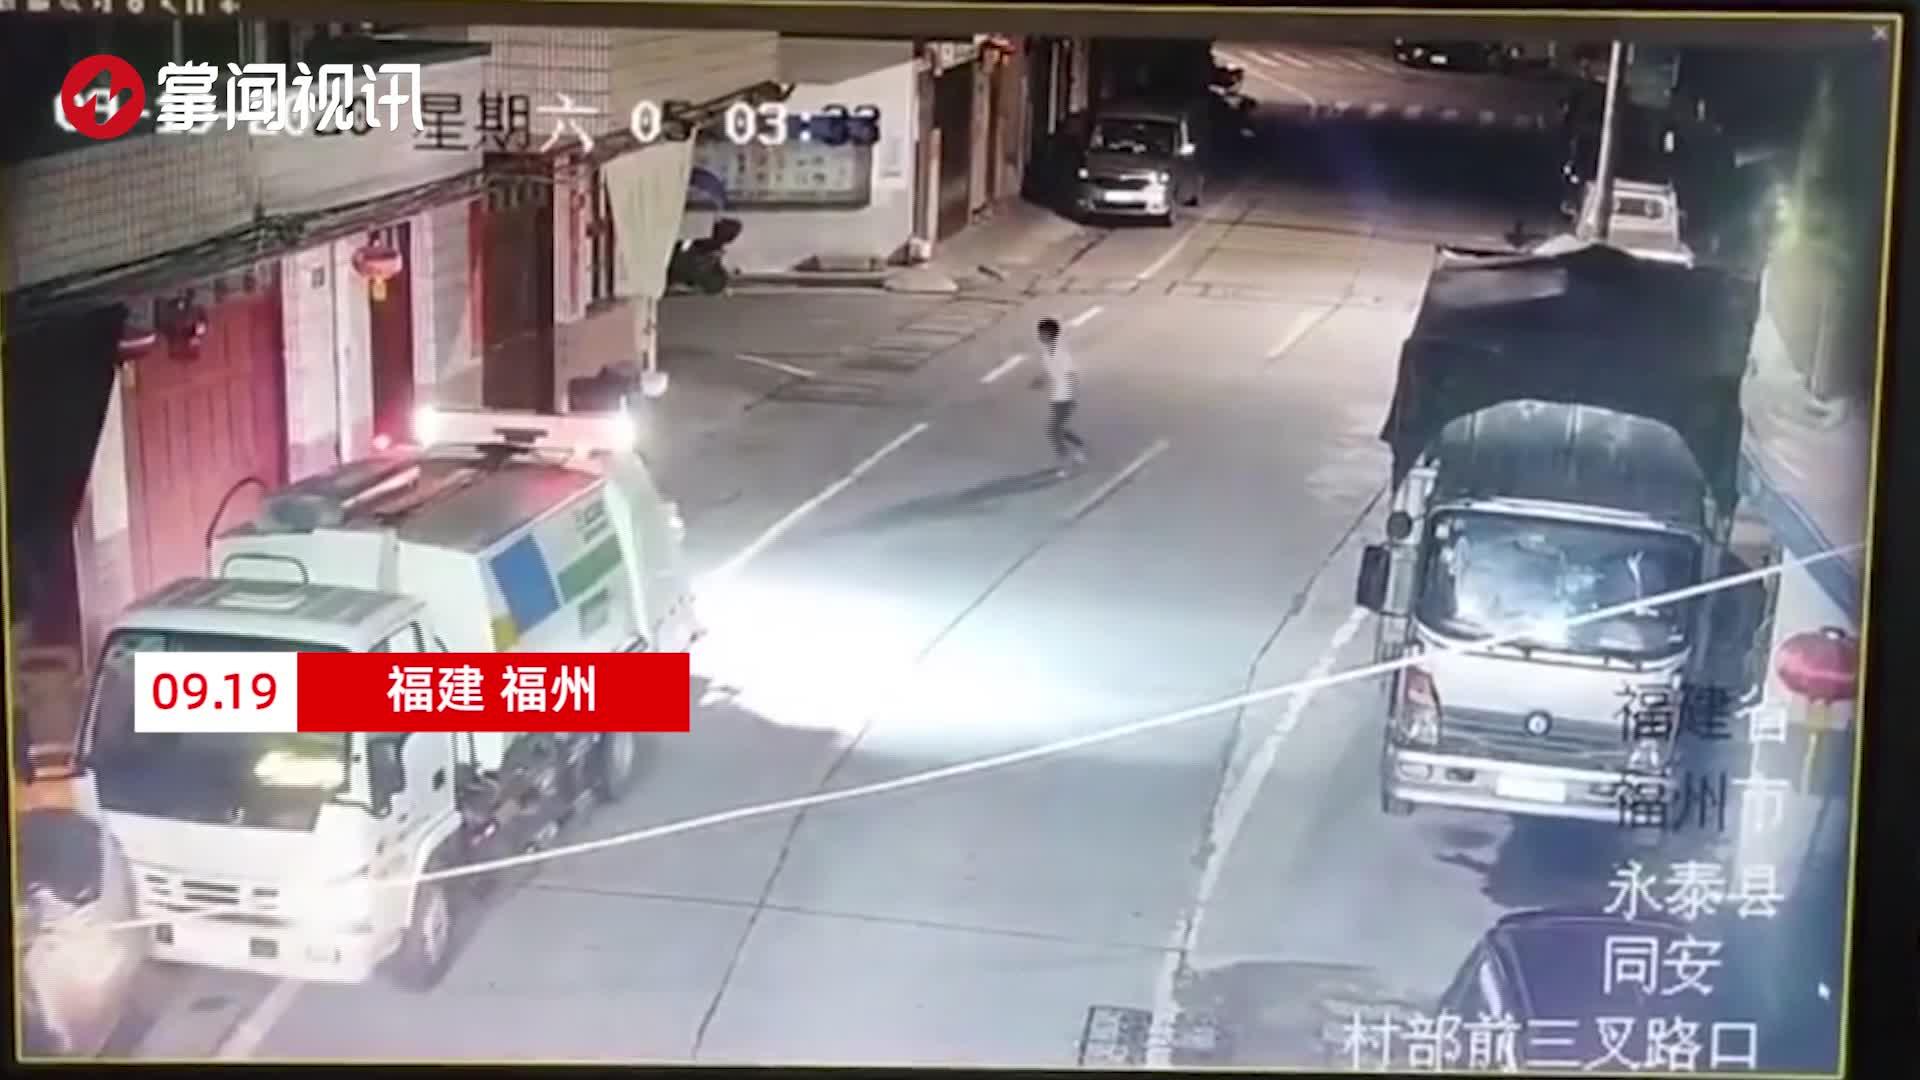 小孩偷开环卫车撞上路边三轮 撞击前跳车自保险遭车轮碾压